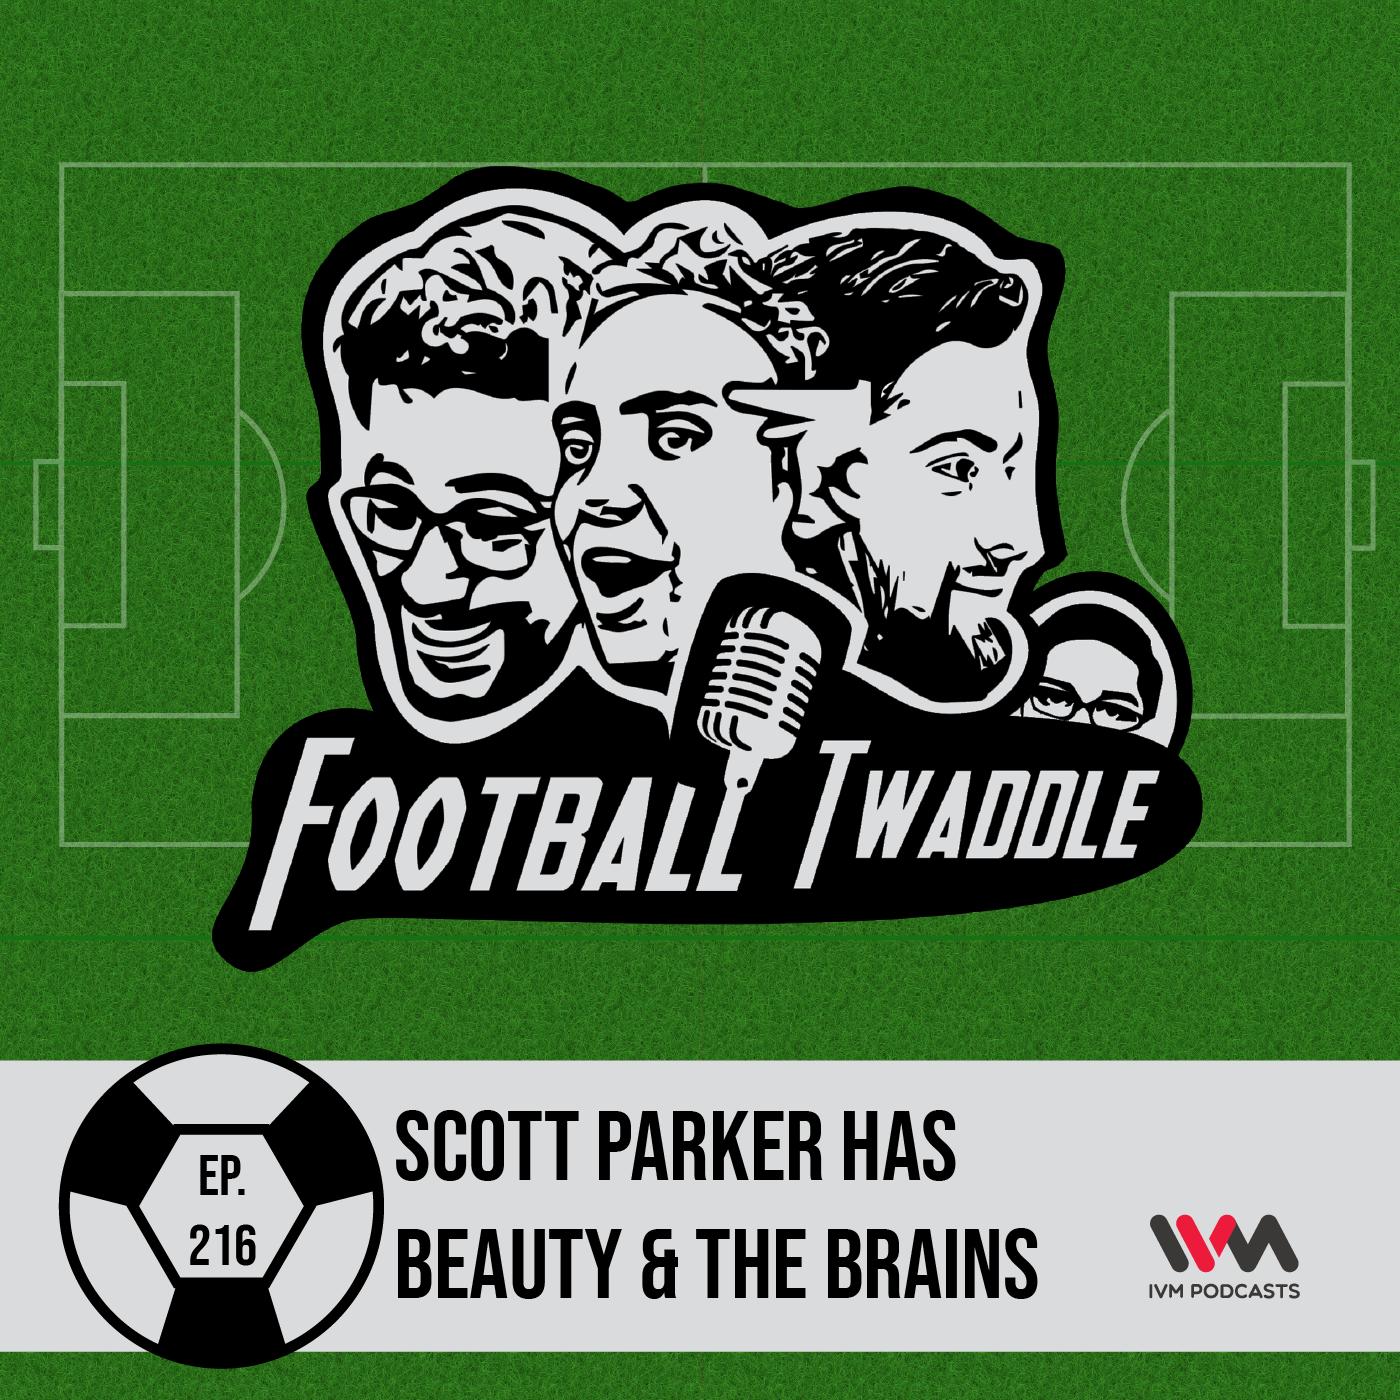 Scott Parker has Beauty & the Brains